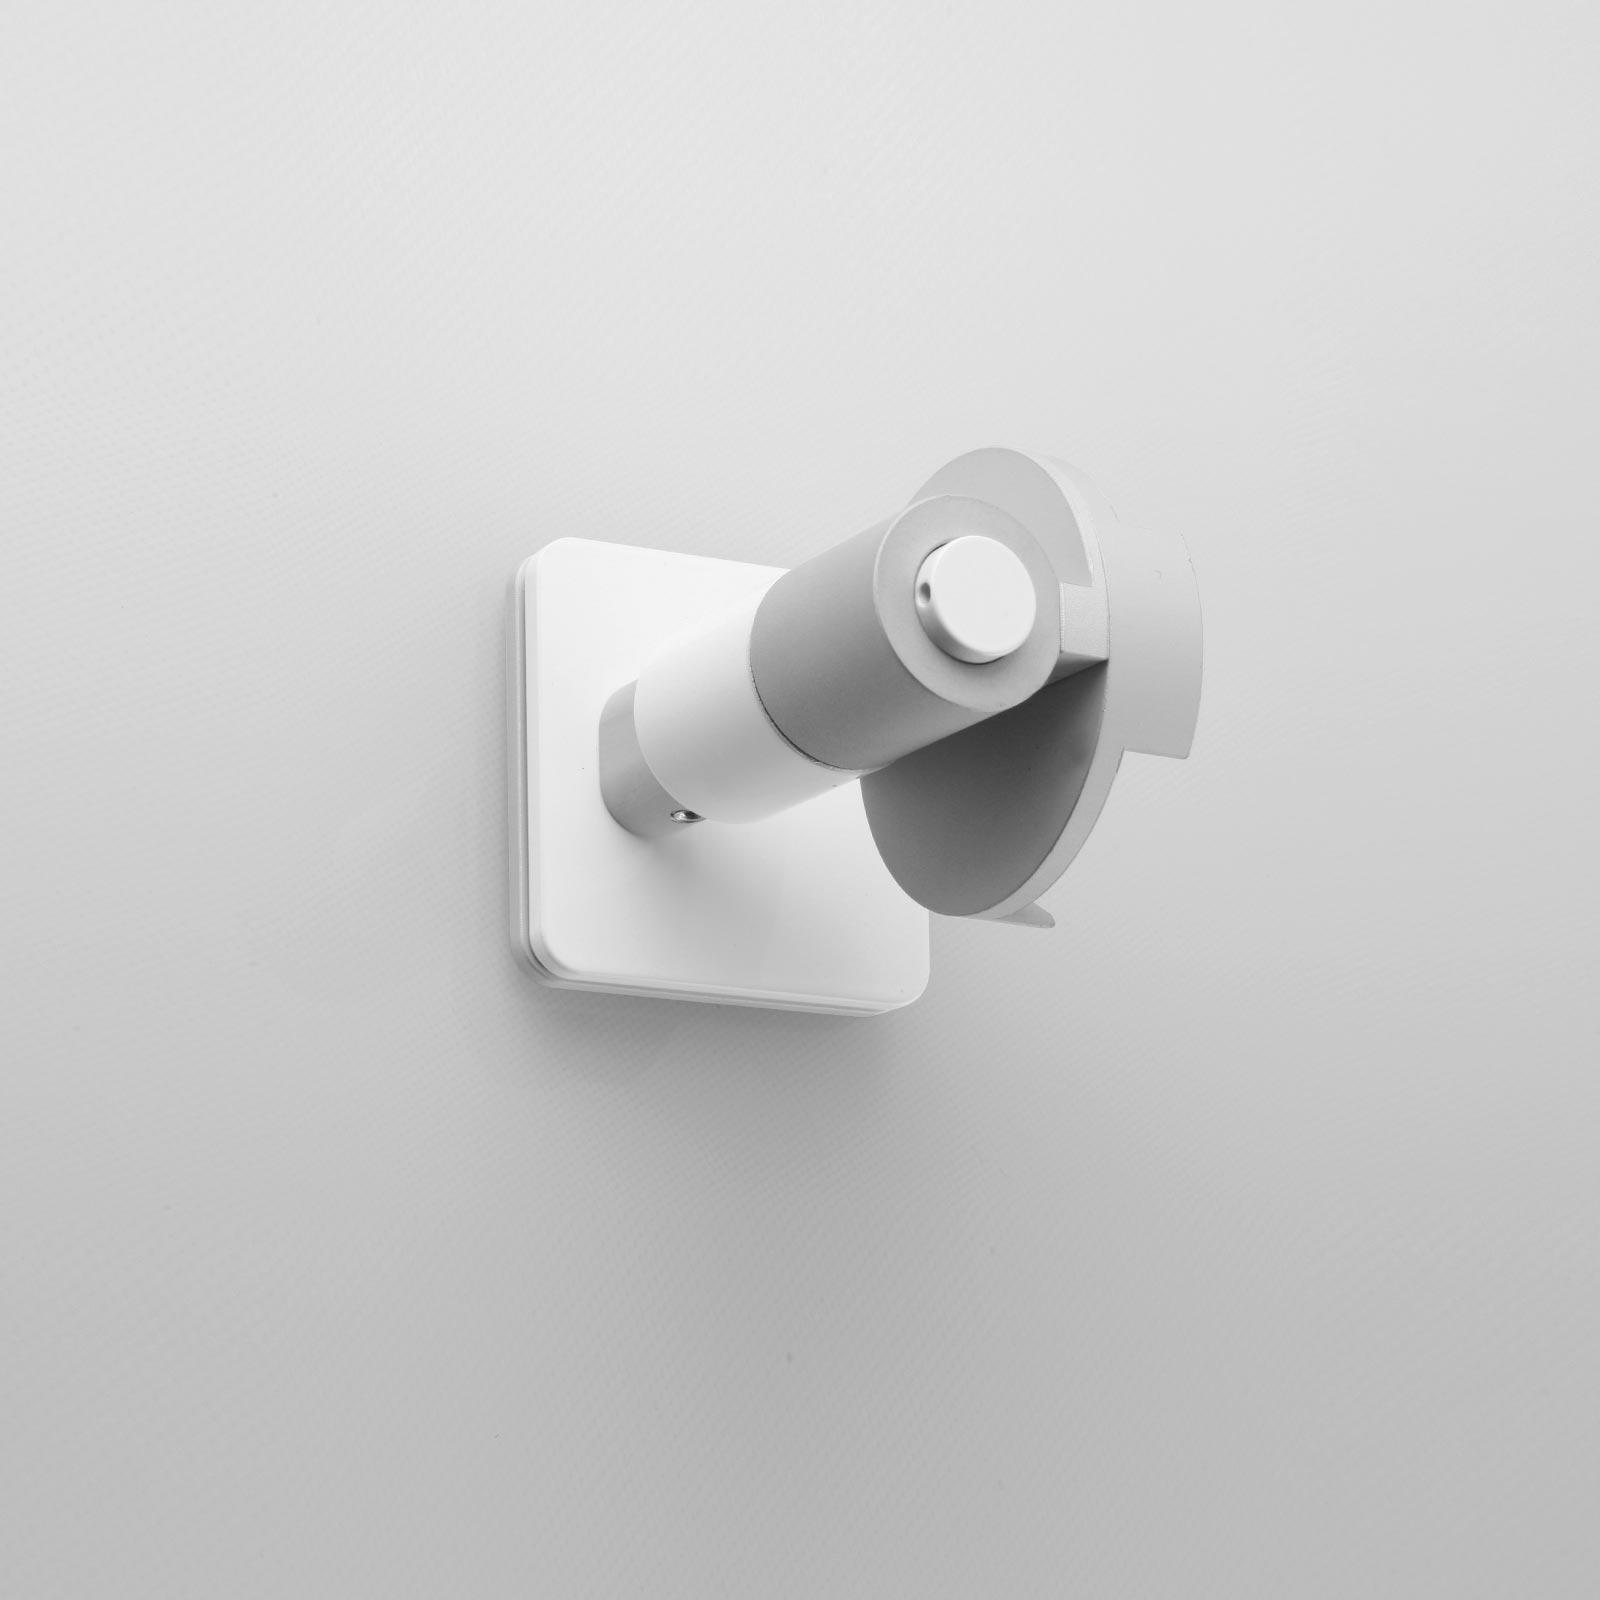 Flexy Top — Finitura in laccato bianco